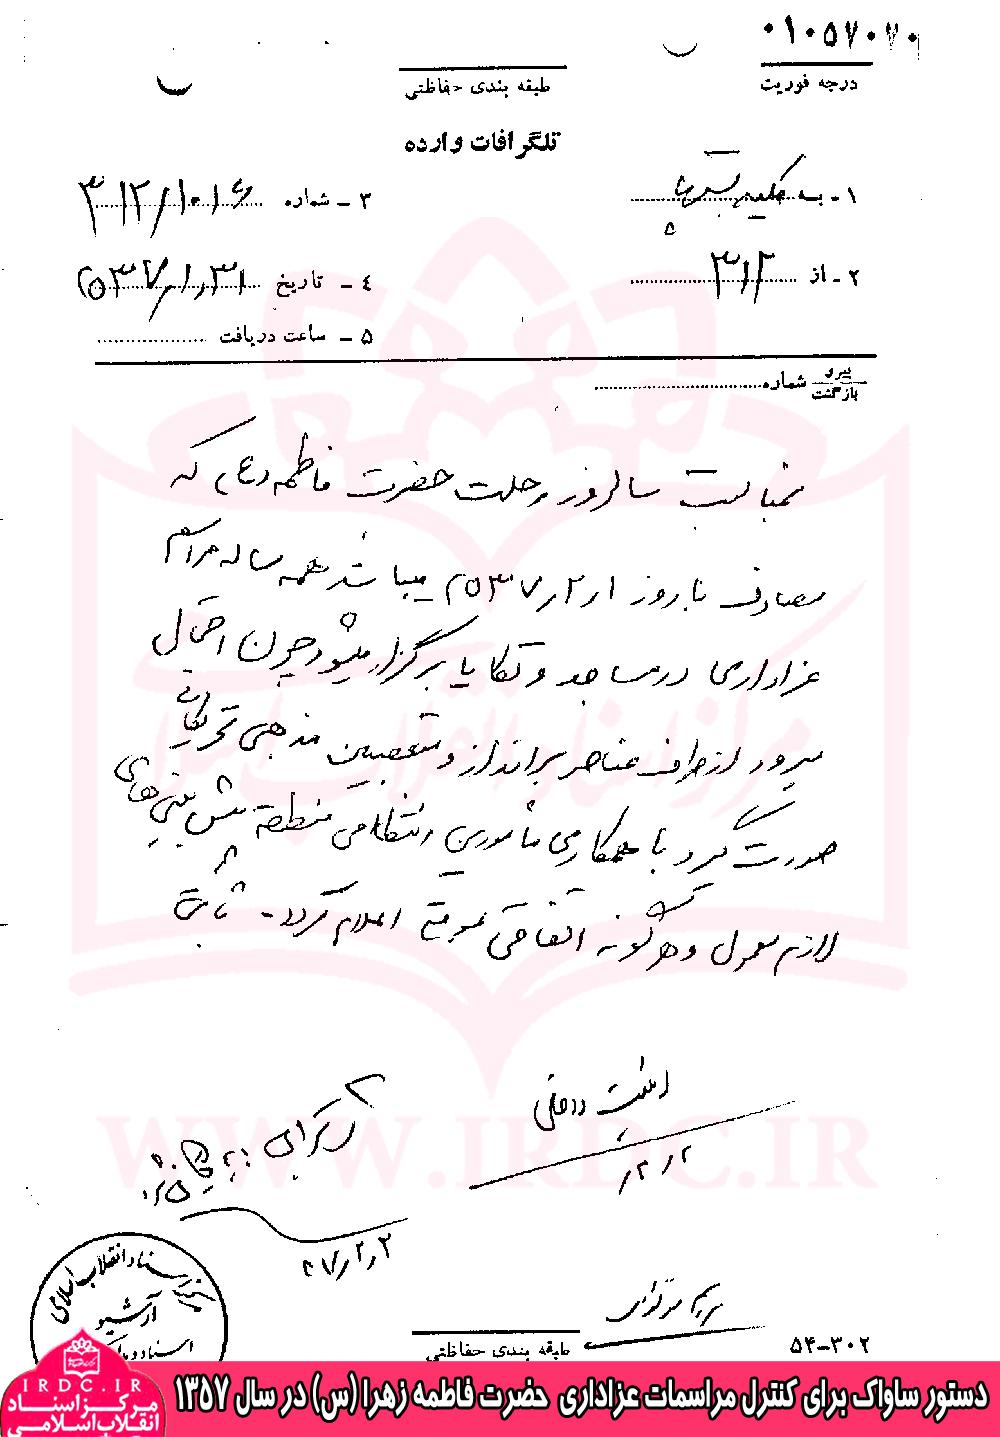 دستور ساواک برای کنترل مراسم عزاداری ایام فاطمیه در سال57